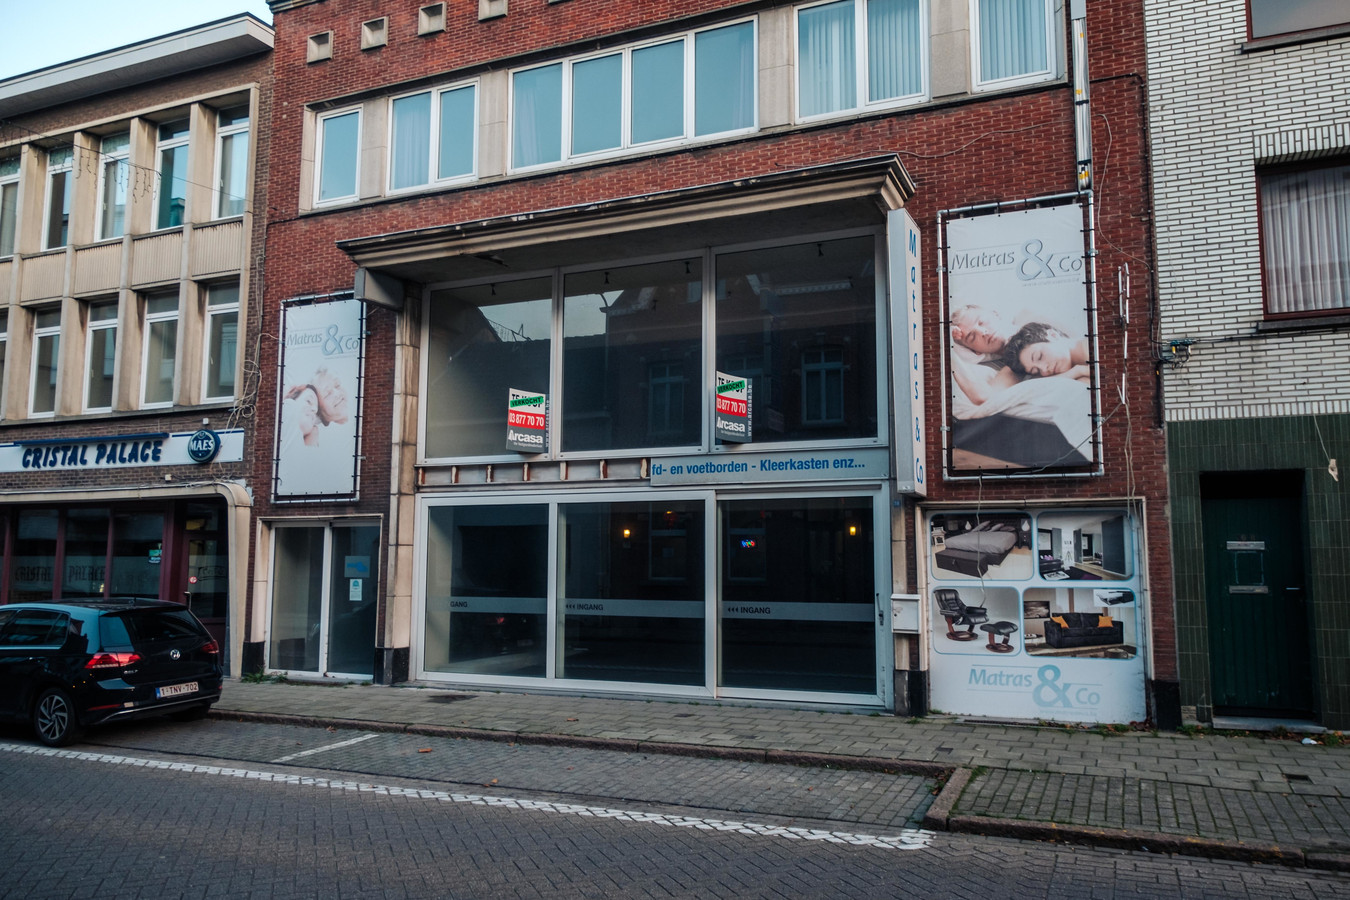 De gemeente zoekt een concessiehouder voor het vroegere pand van Matras & Co.